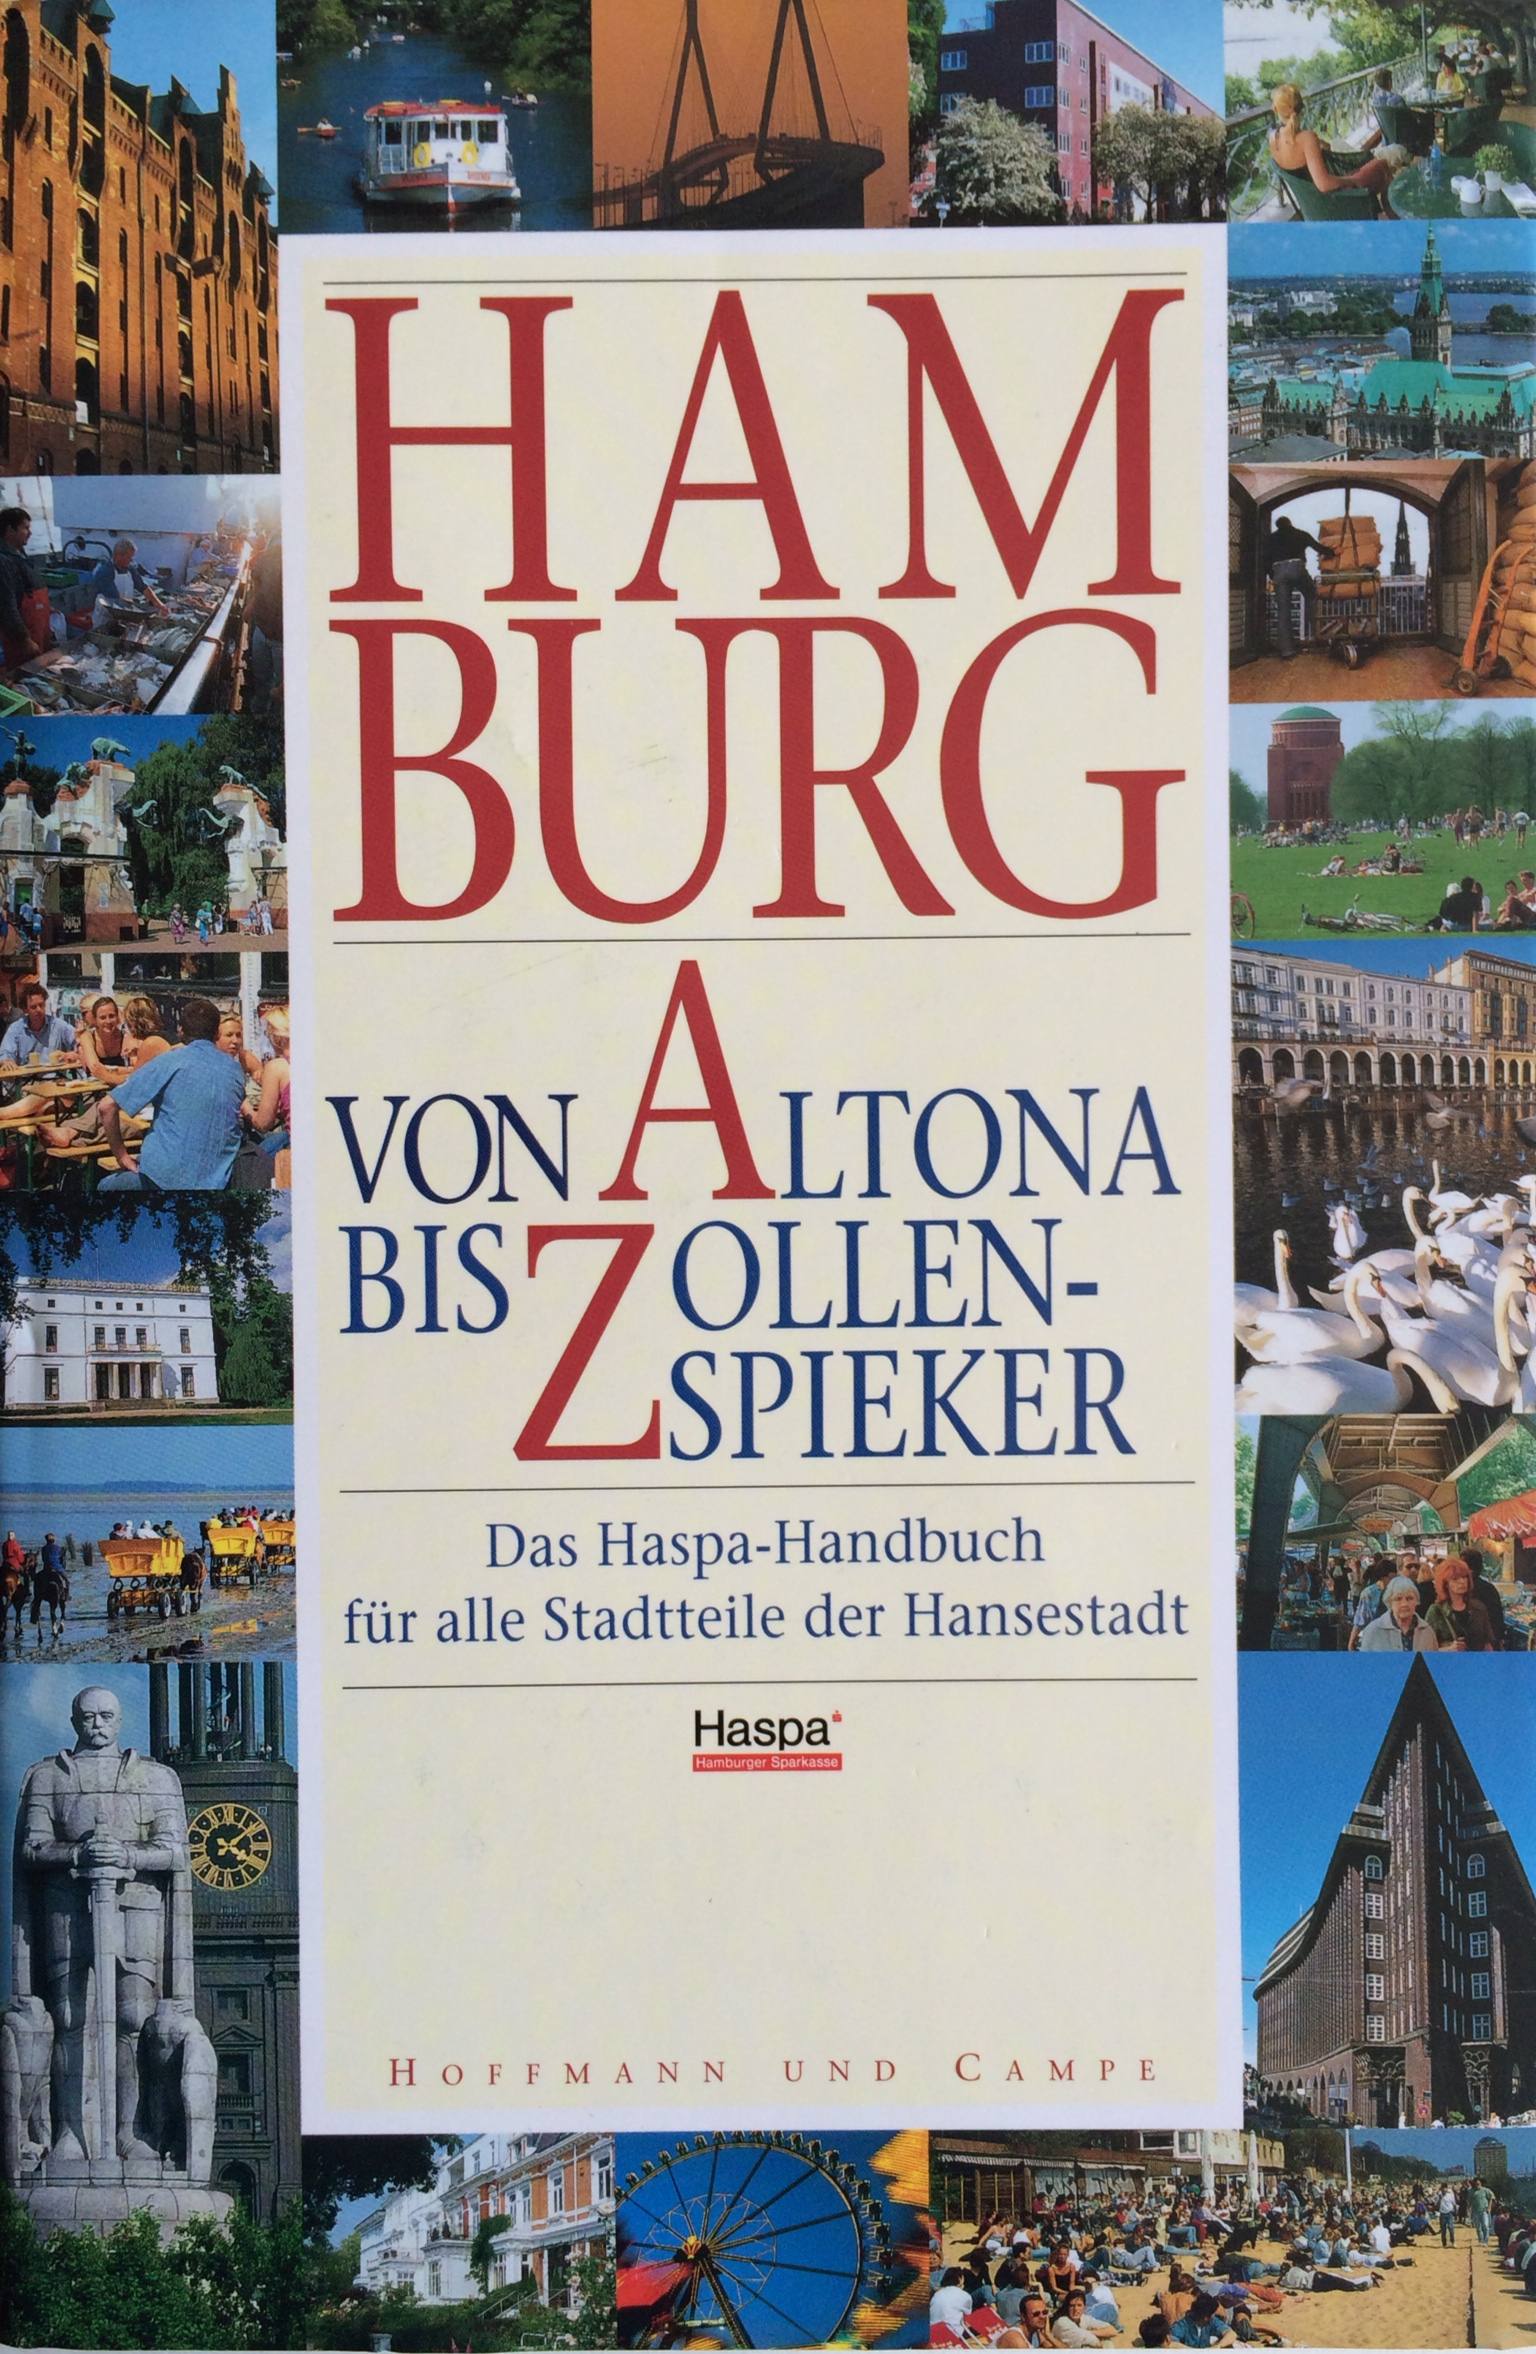 hamburg von az  bürgerverein